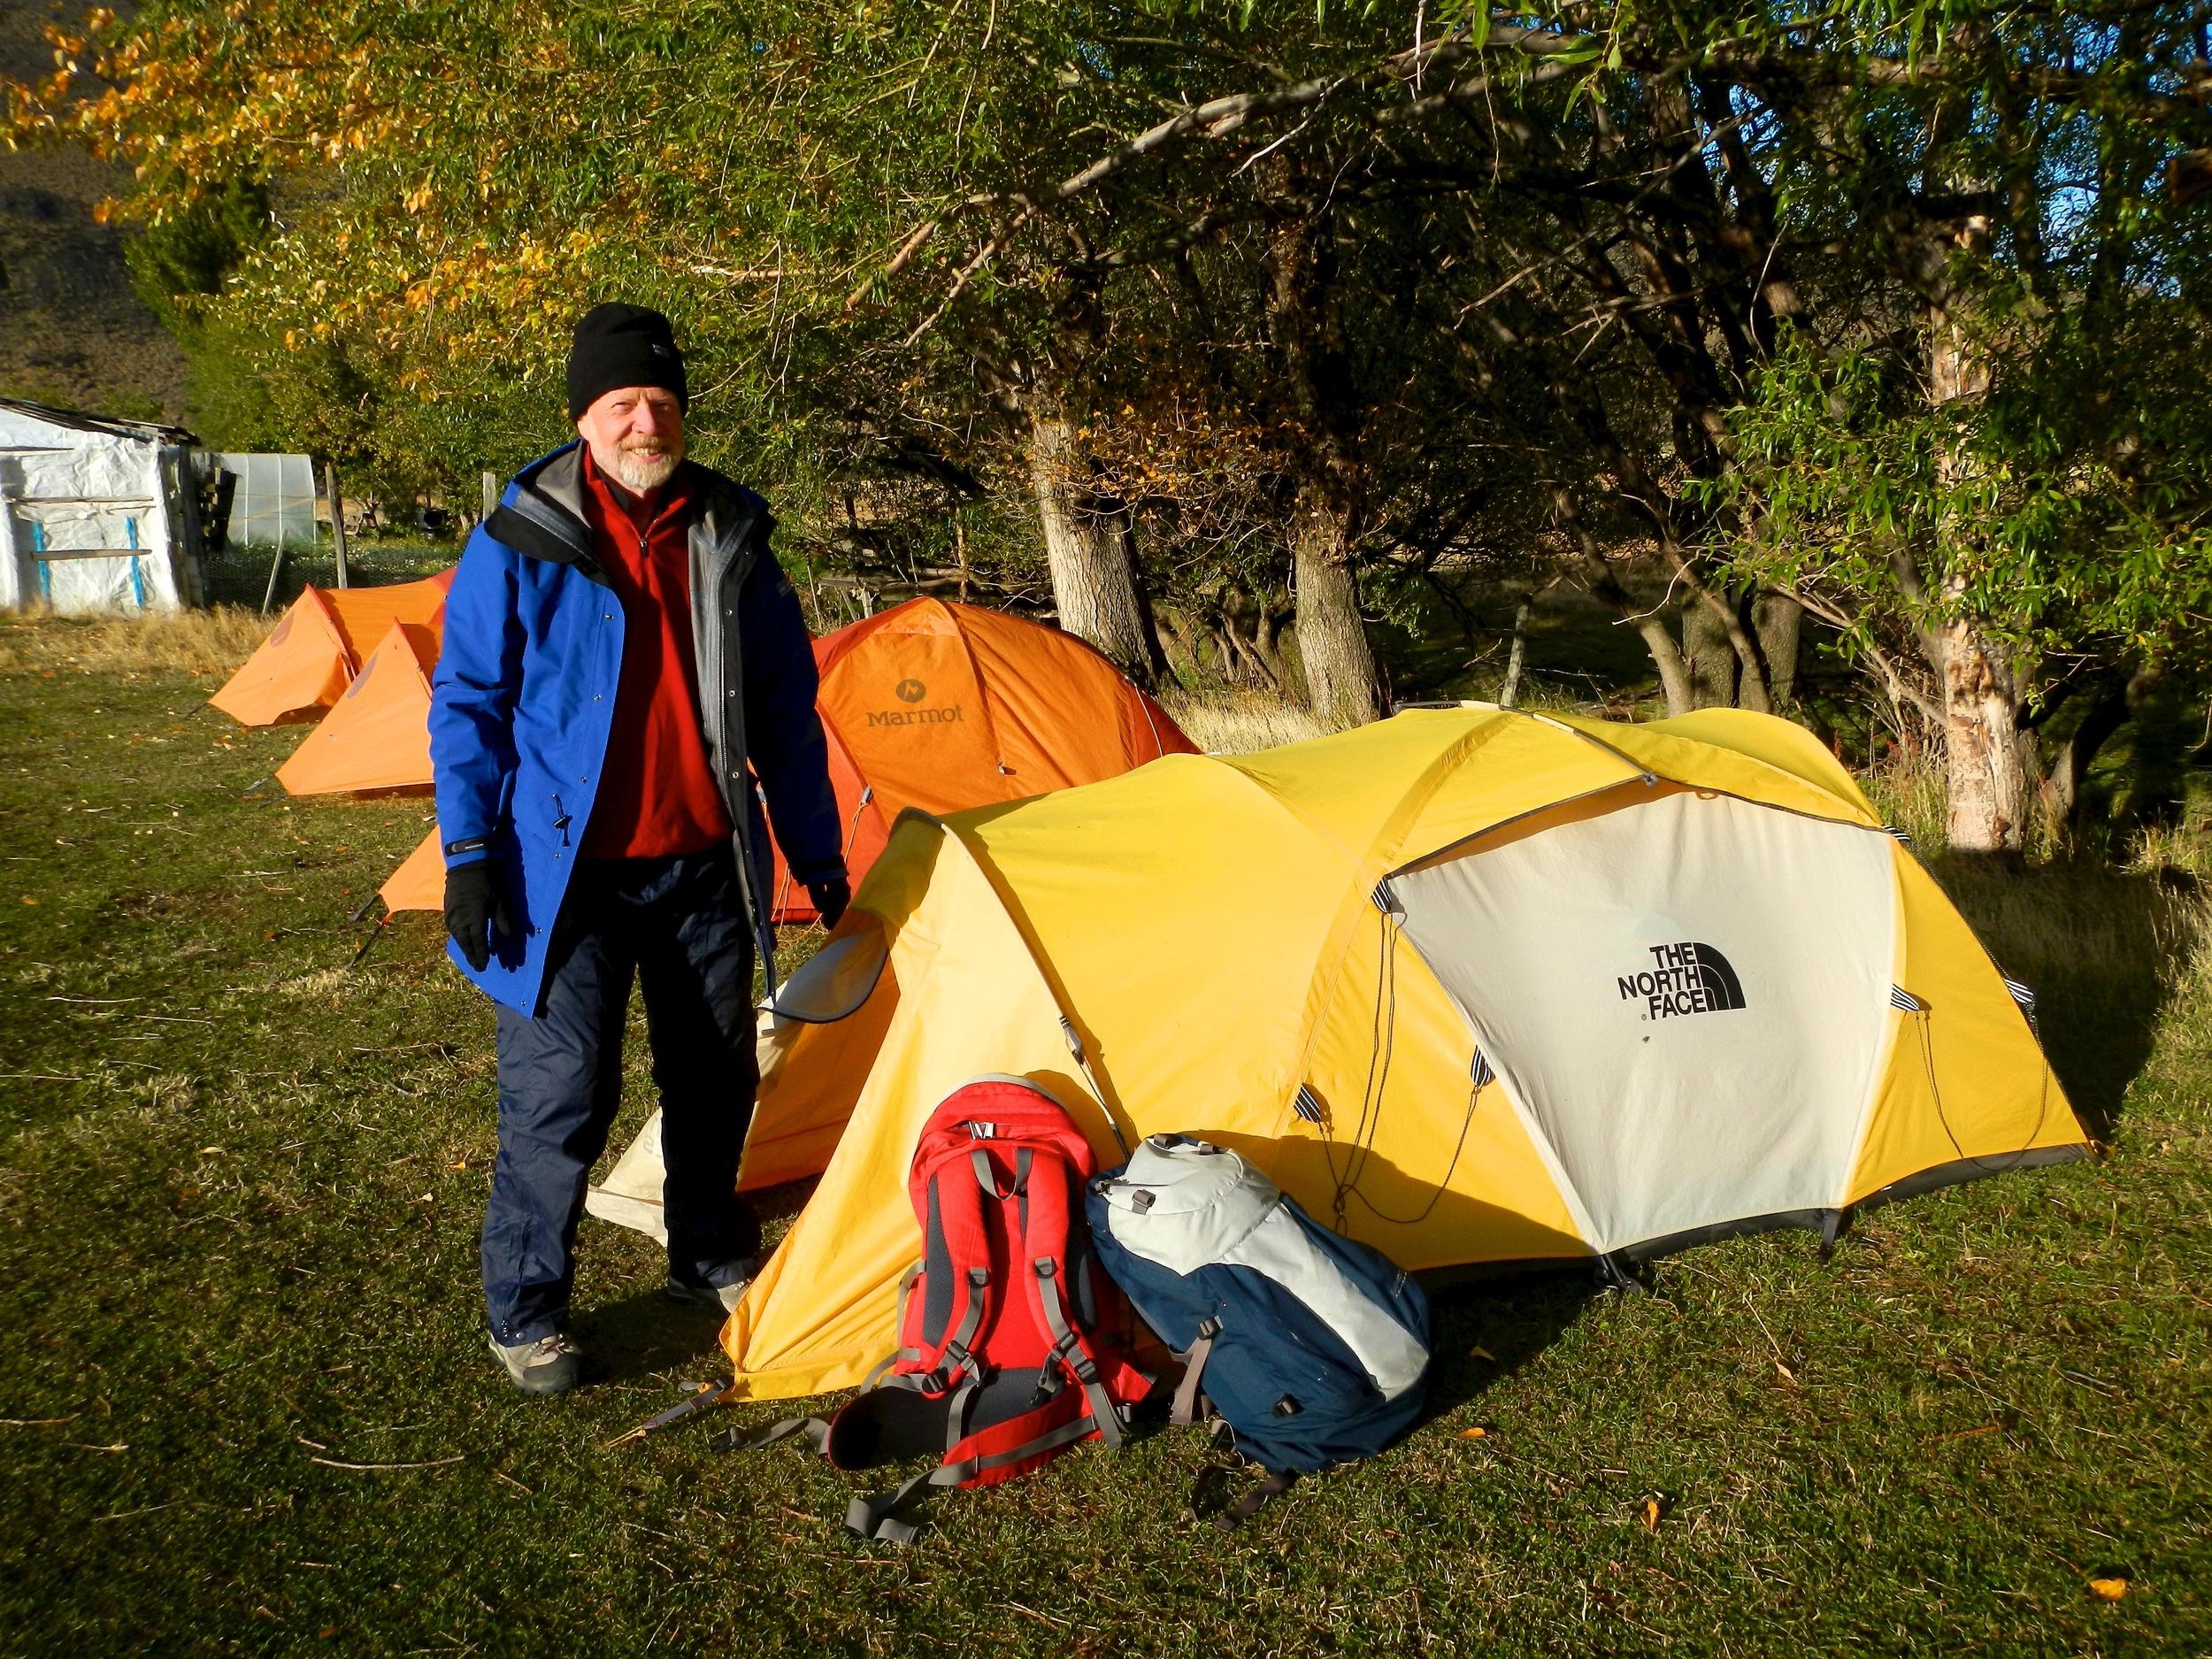 Camp site, Torres del Paine, Patagonia, Chile, 4 Apr 2012